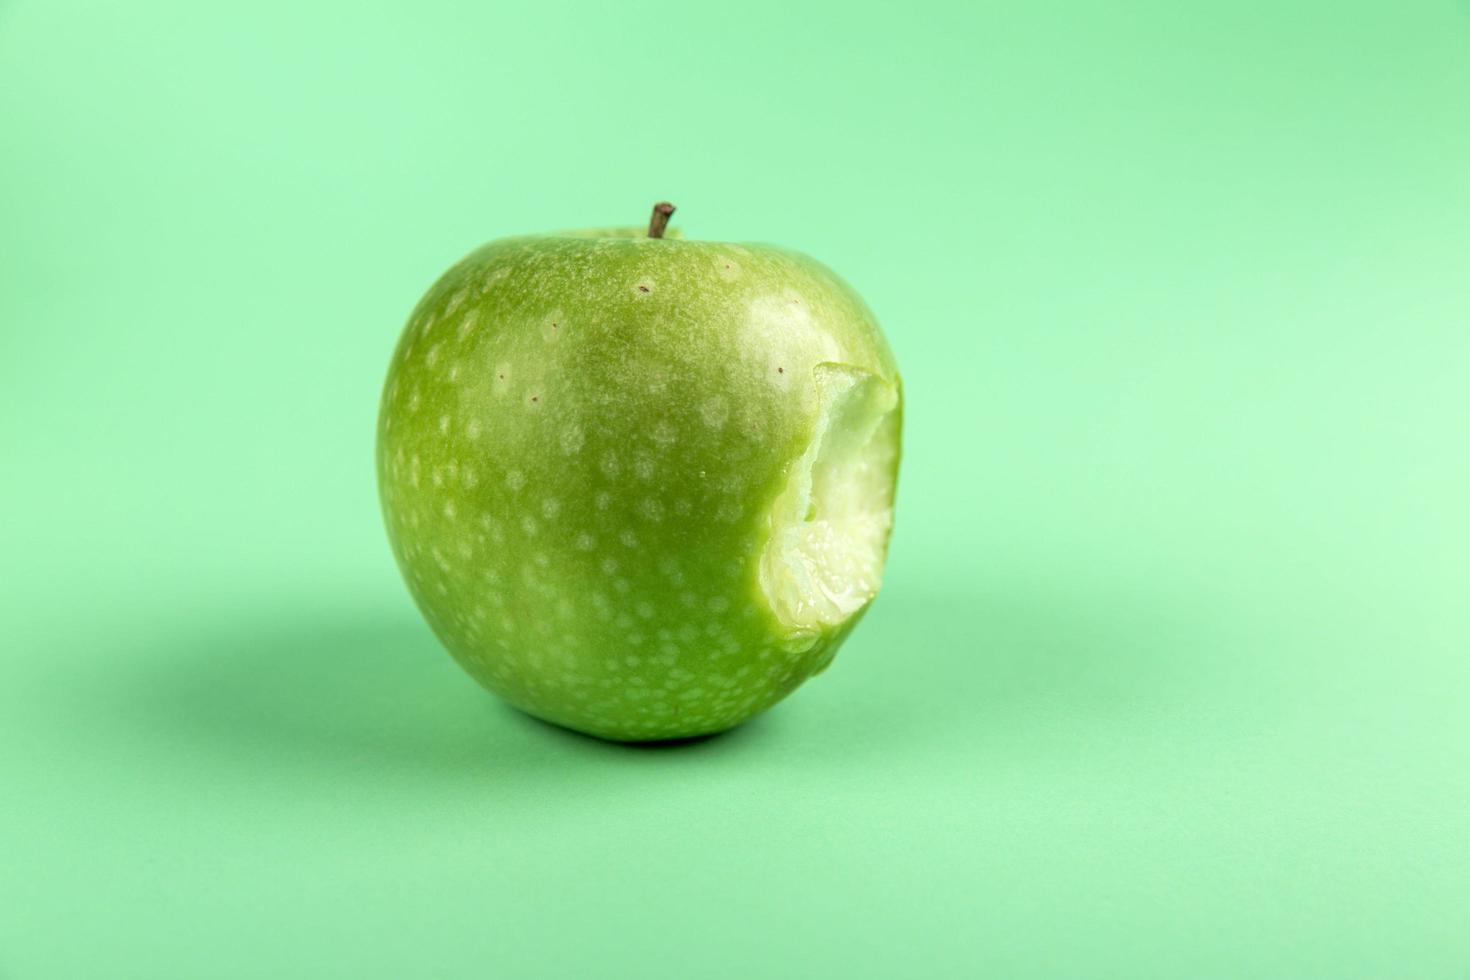 nonna smith apple con morso foto